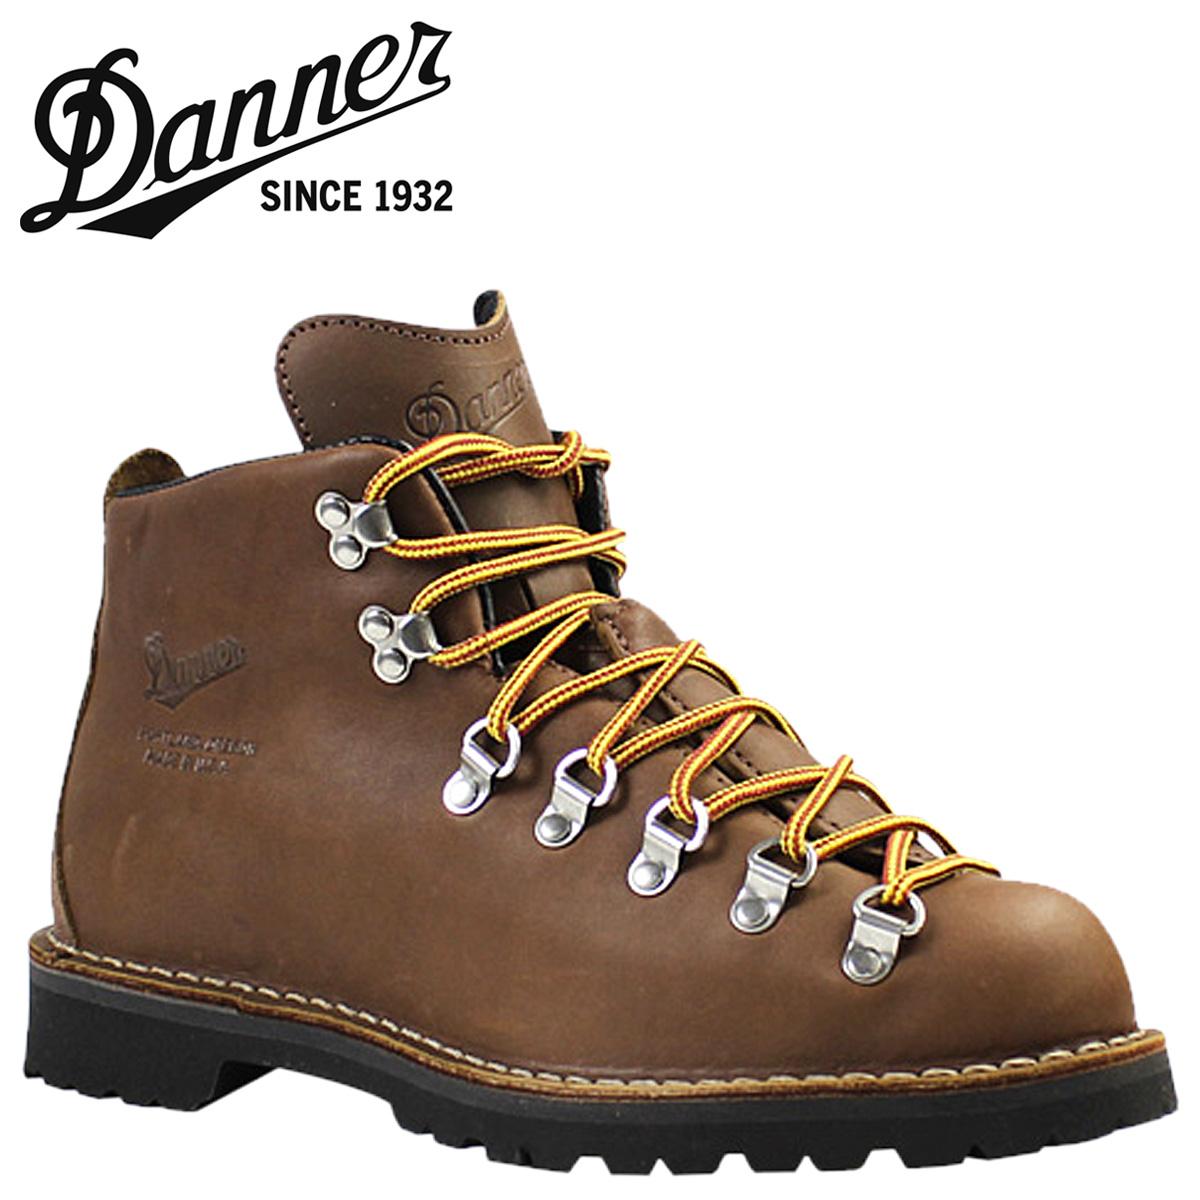 Danner Danner 山轻木材 [棕色] 山光木材 EE 明智皮革男装 30876 靴美国制造